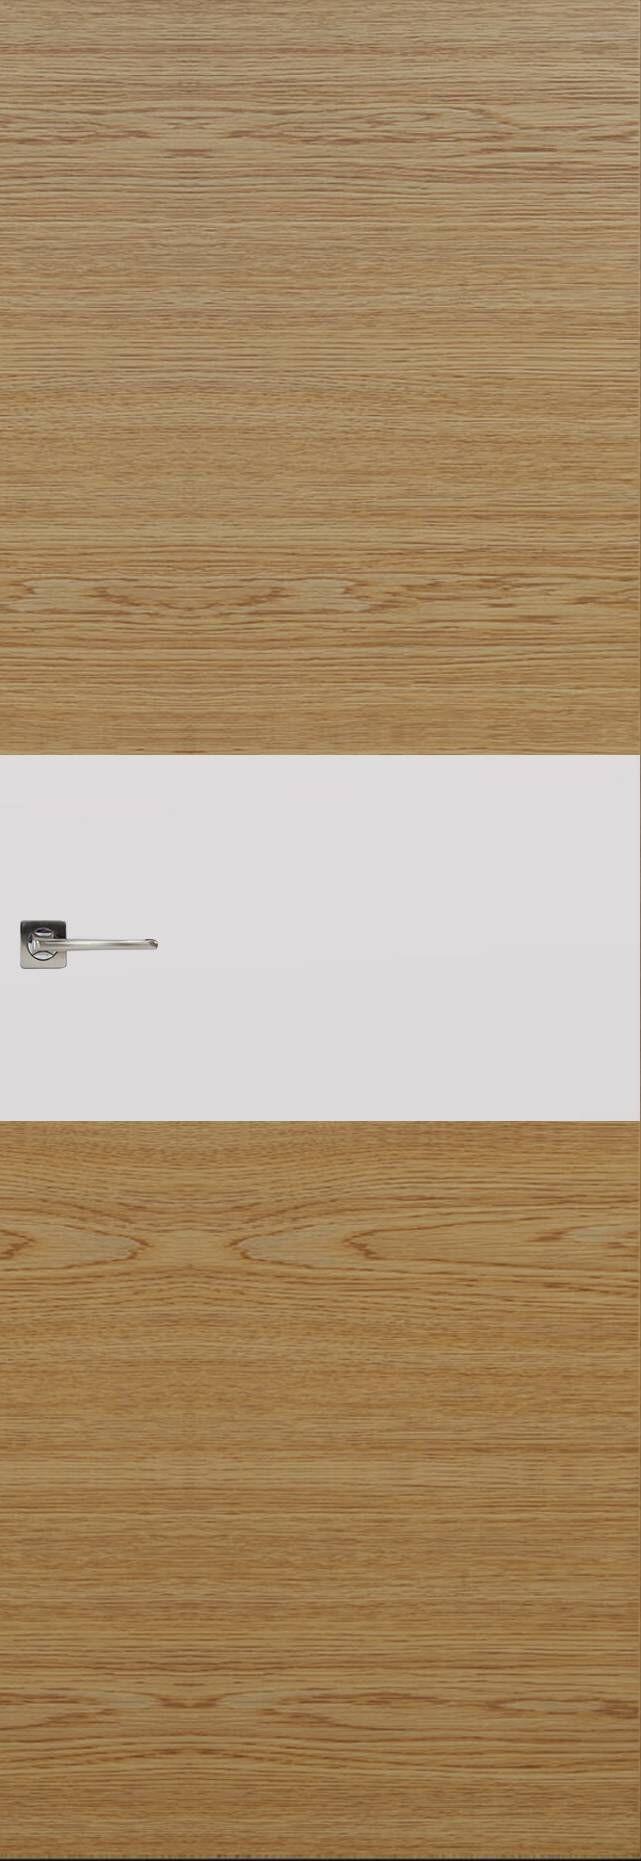 Tivoli Е-4 Invisible цвет - Дуб карамель Без стекла (ДГ)